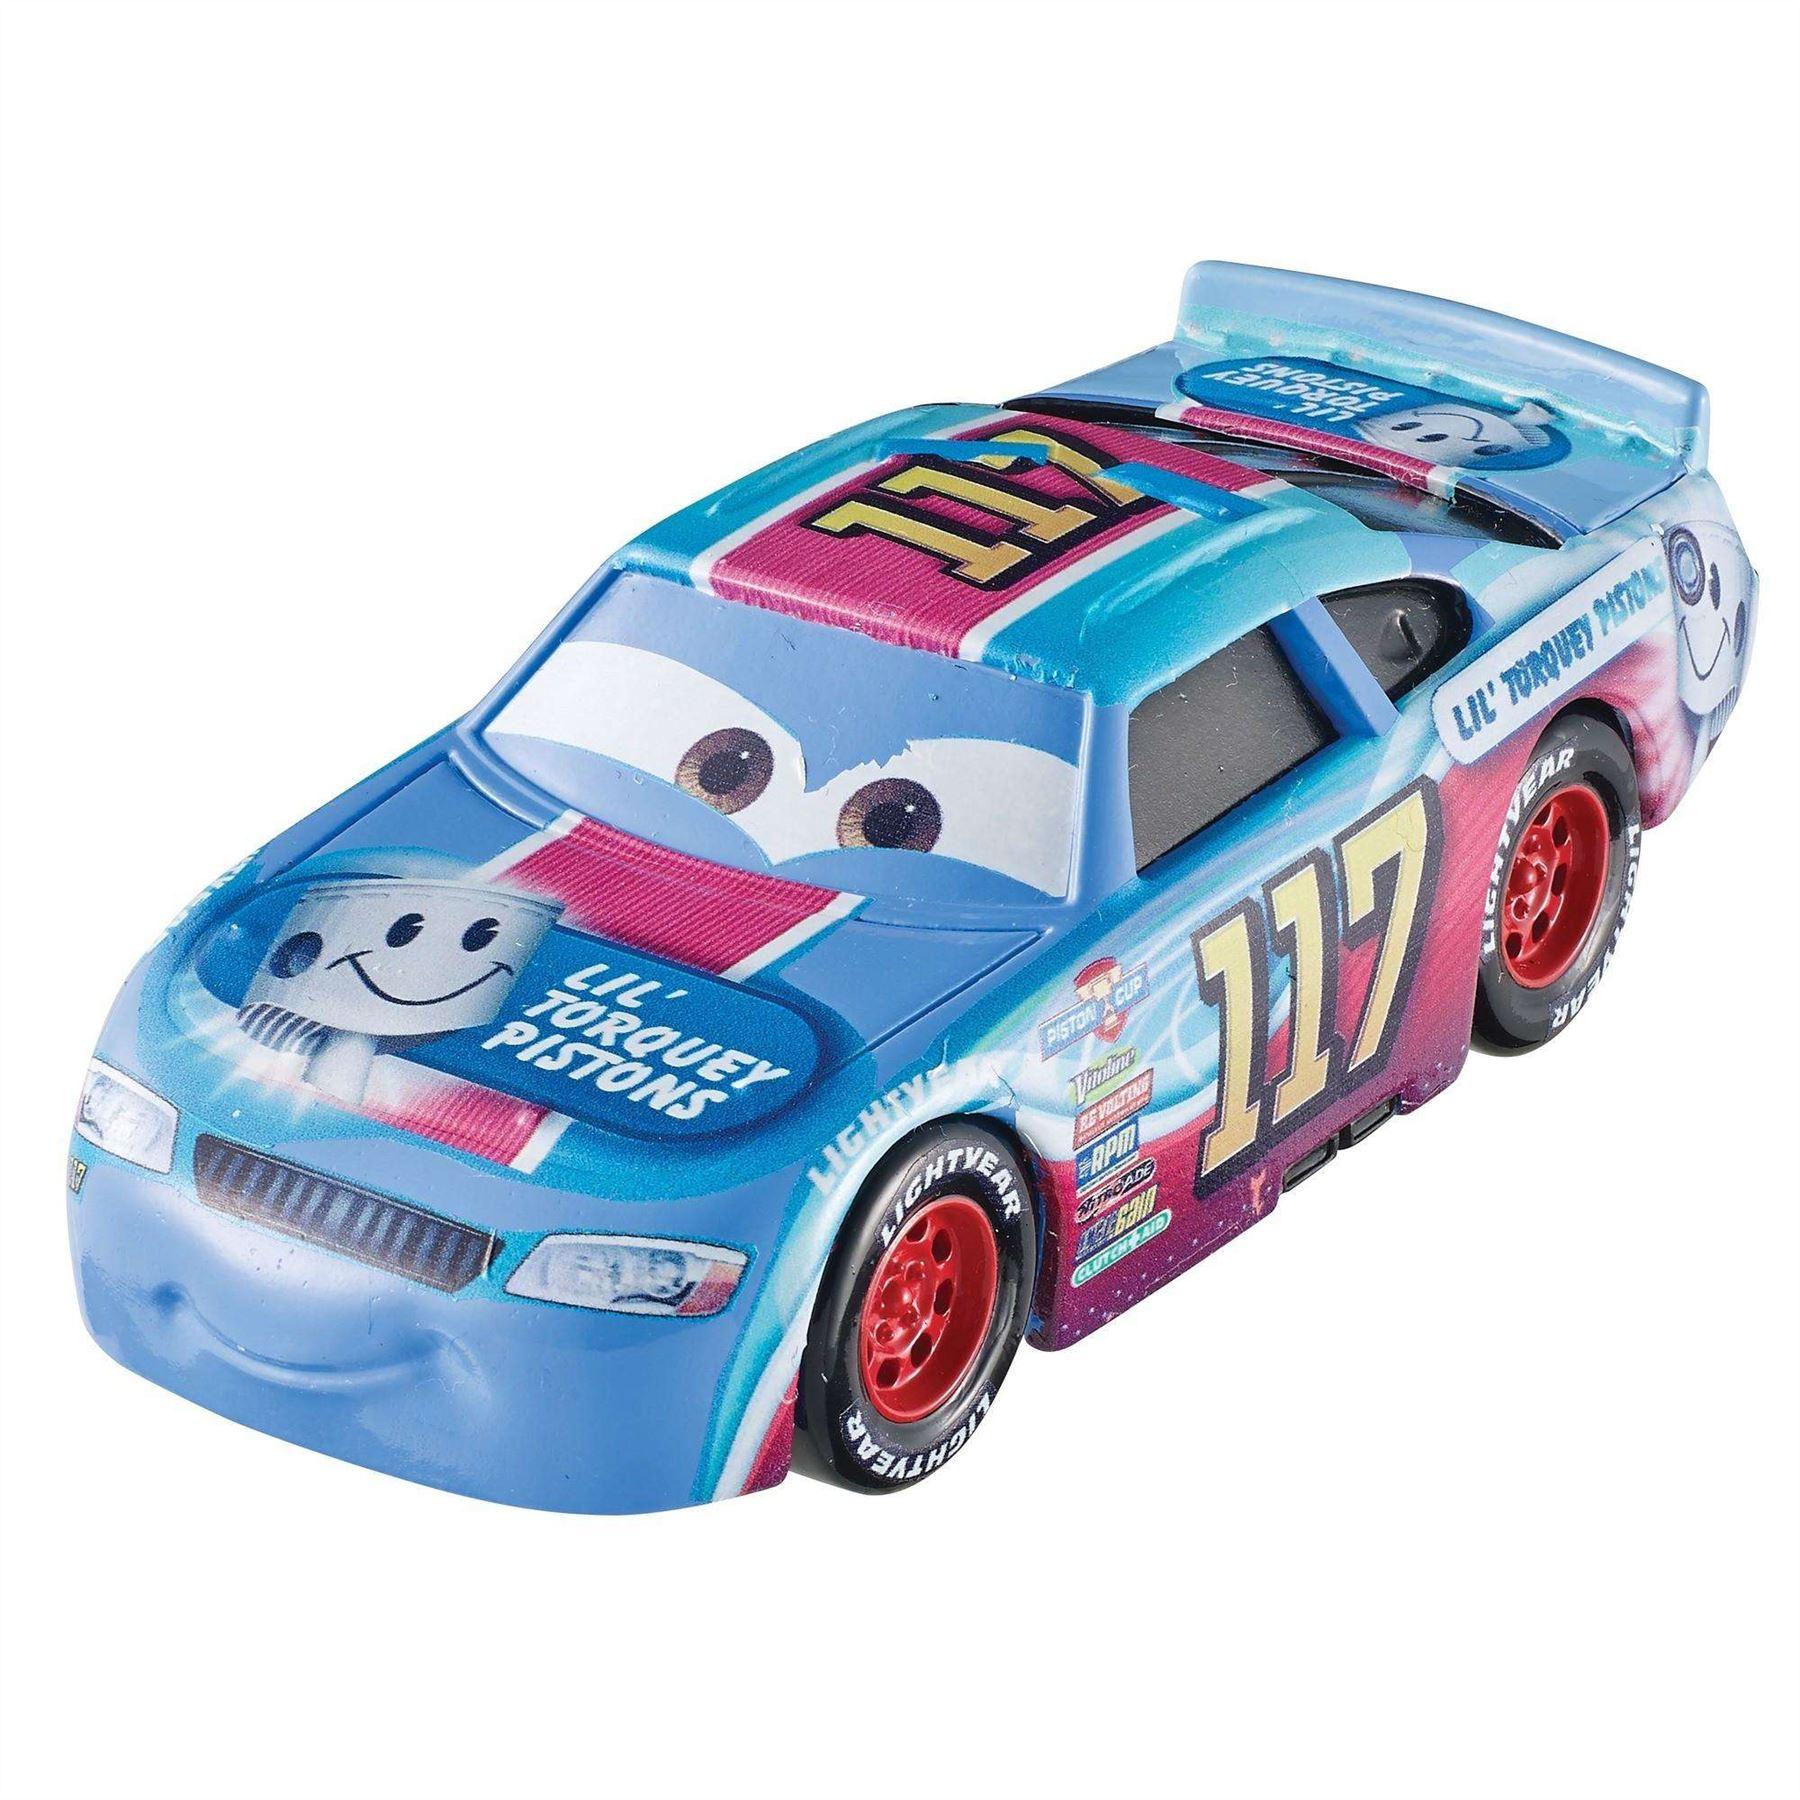 Disney Pixar Cars (3) Die Cast 1:55 Vehicle